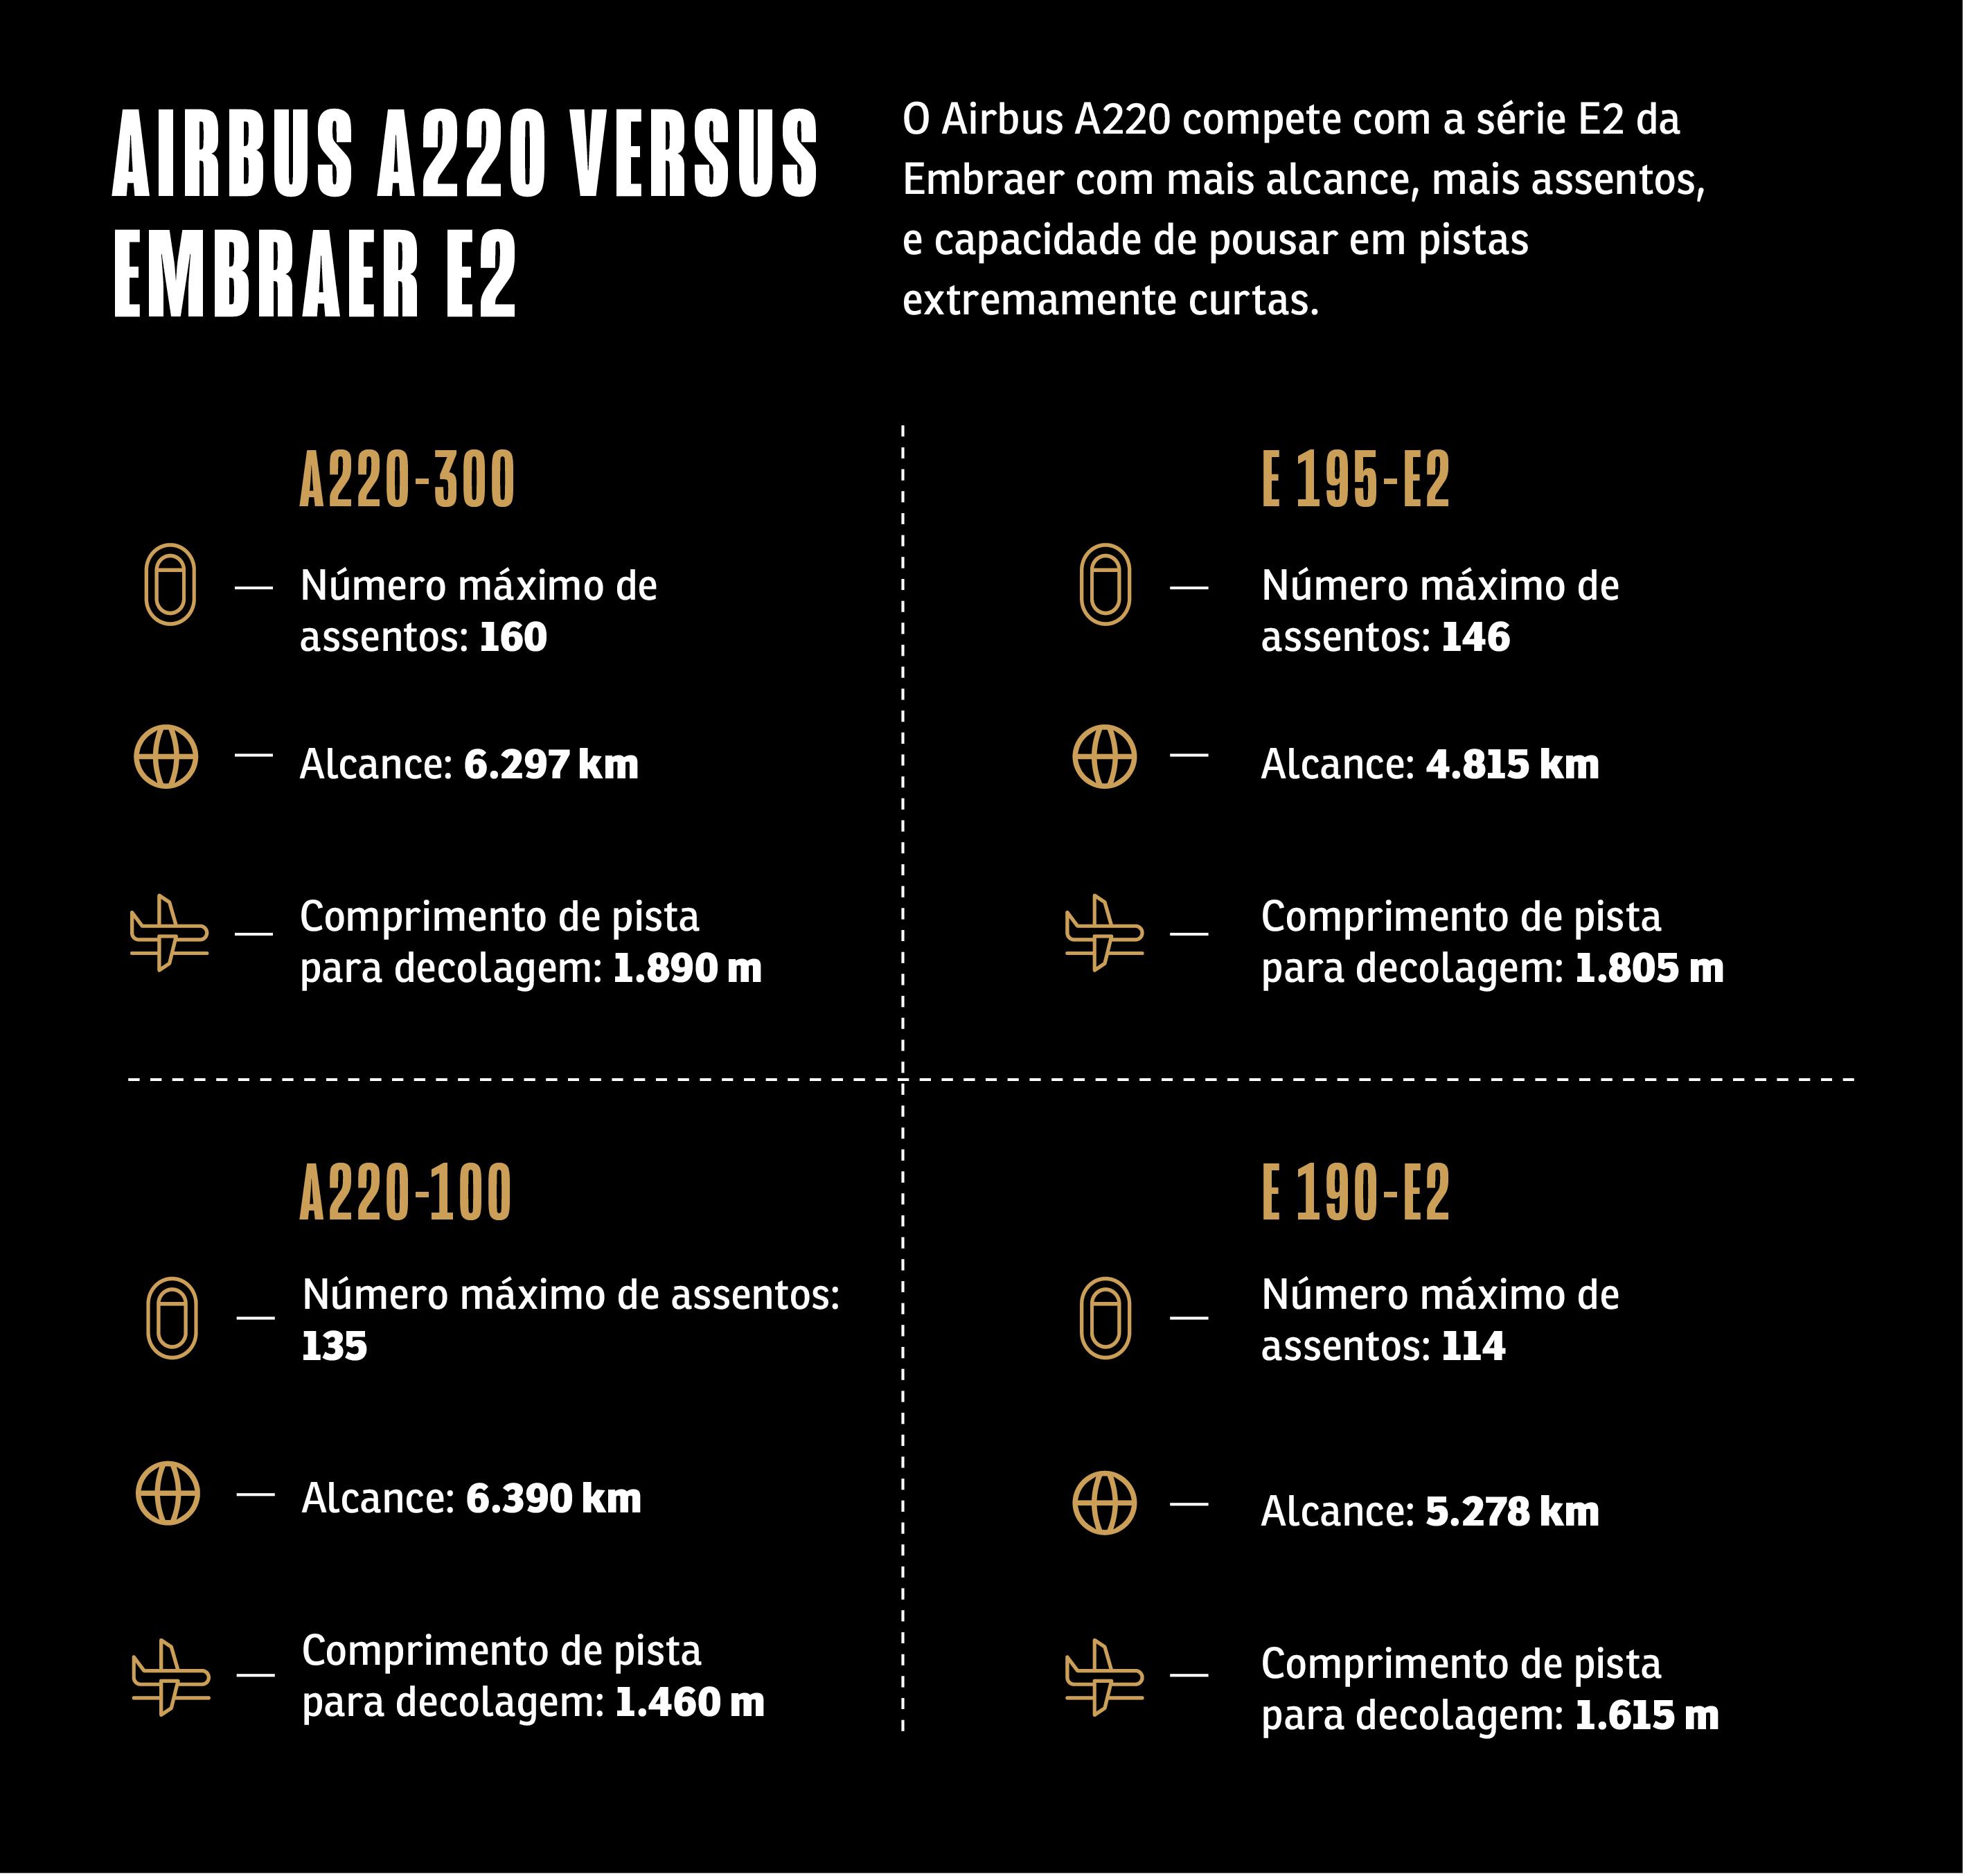 Gráfico comparativo entre a série E2 e o A220